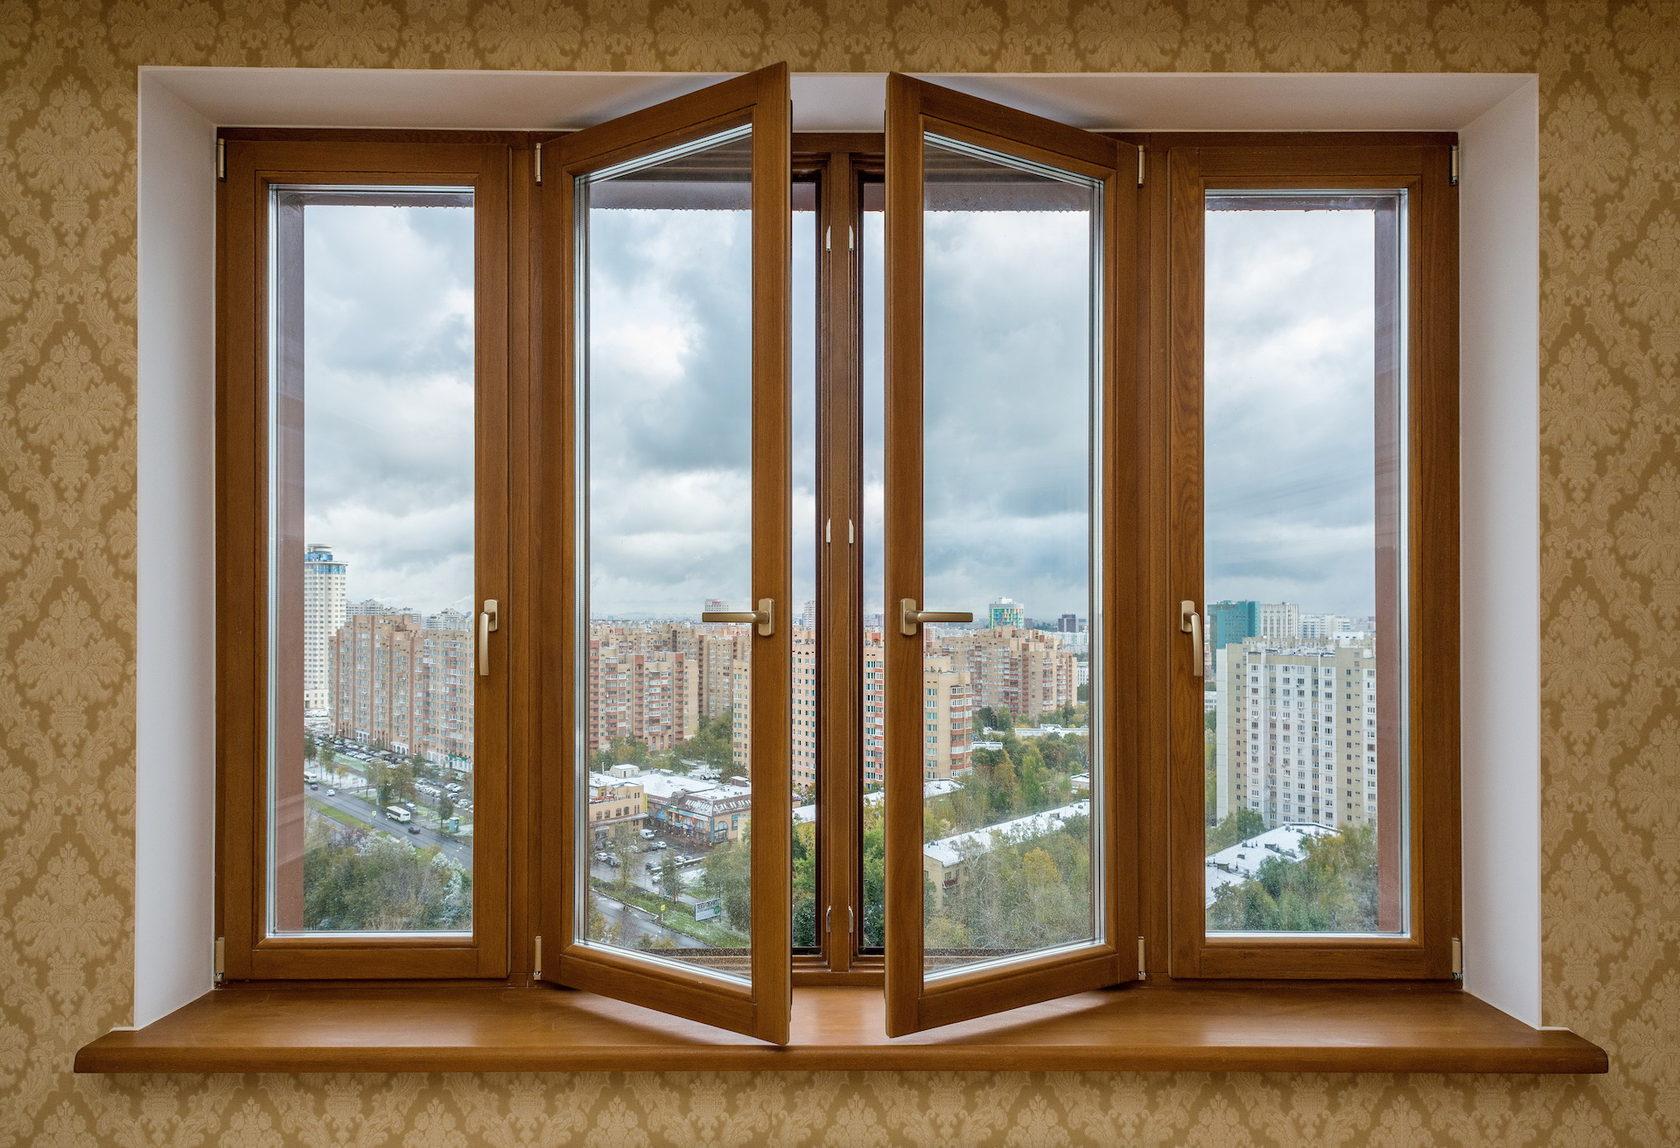 Какие окна выбрать для дома: деревянные или пластиковые